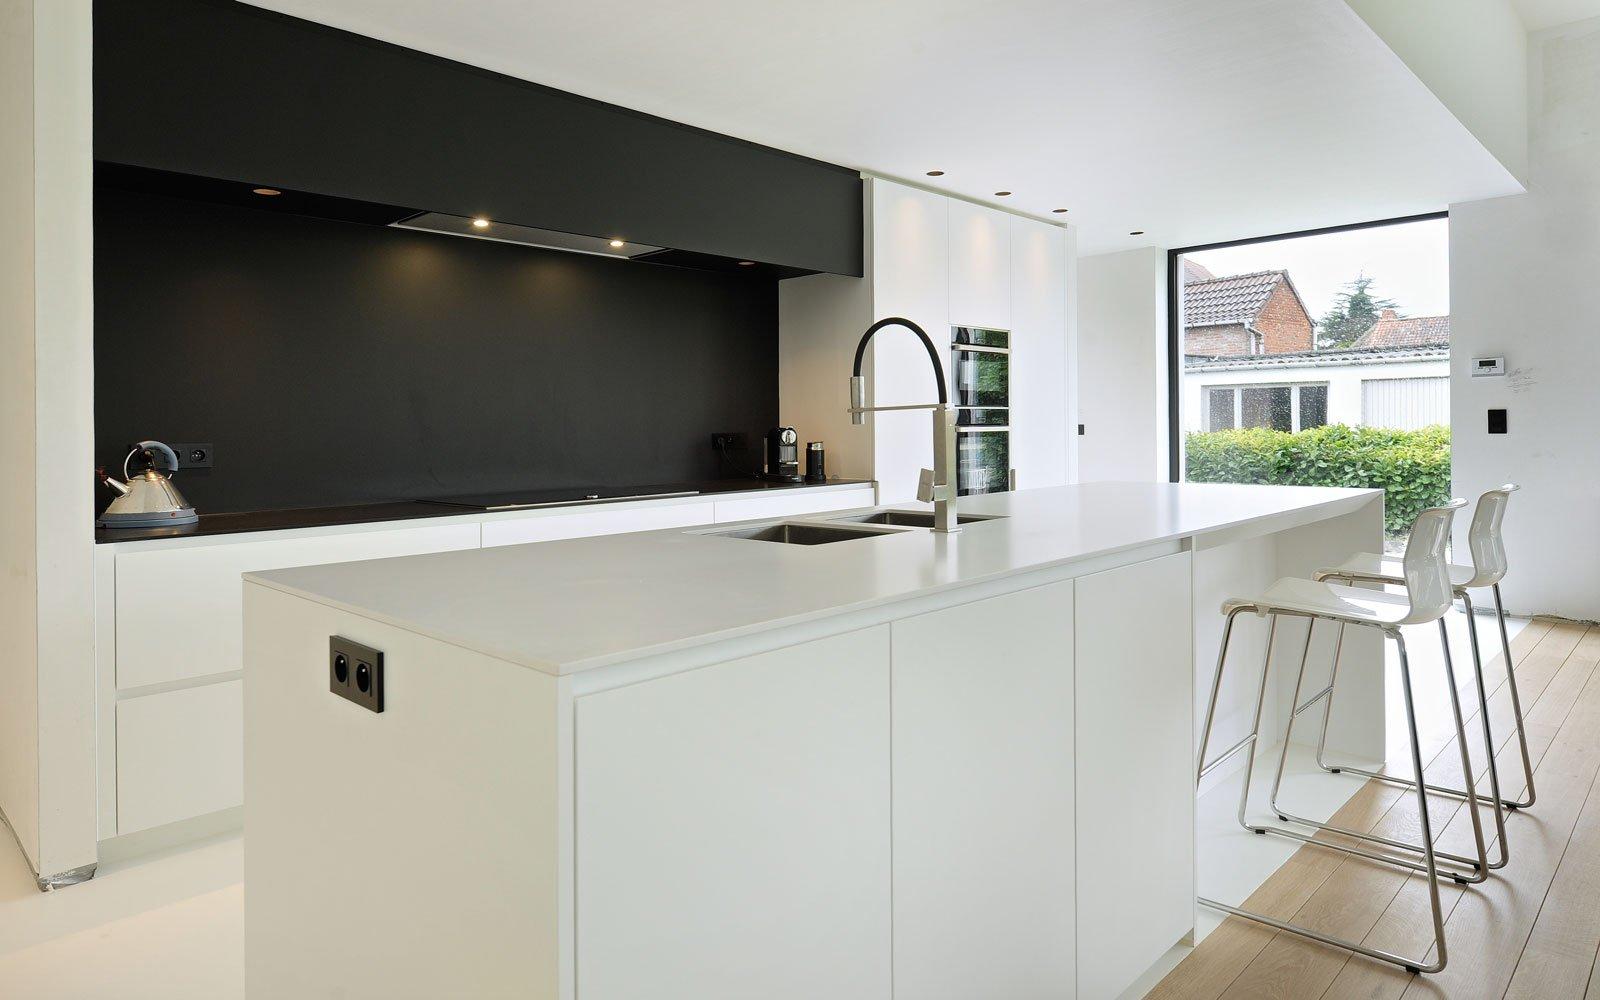 Kookeiland, keuken, maatwerk, zwart en wit, vloer eikenhout, Michiel van Raemdonck